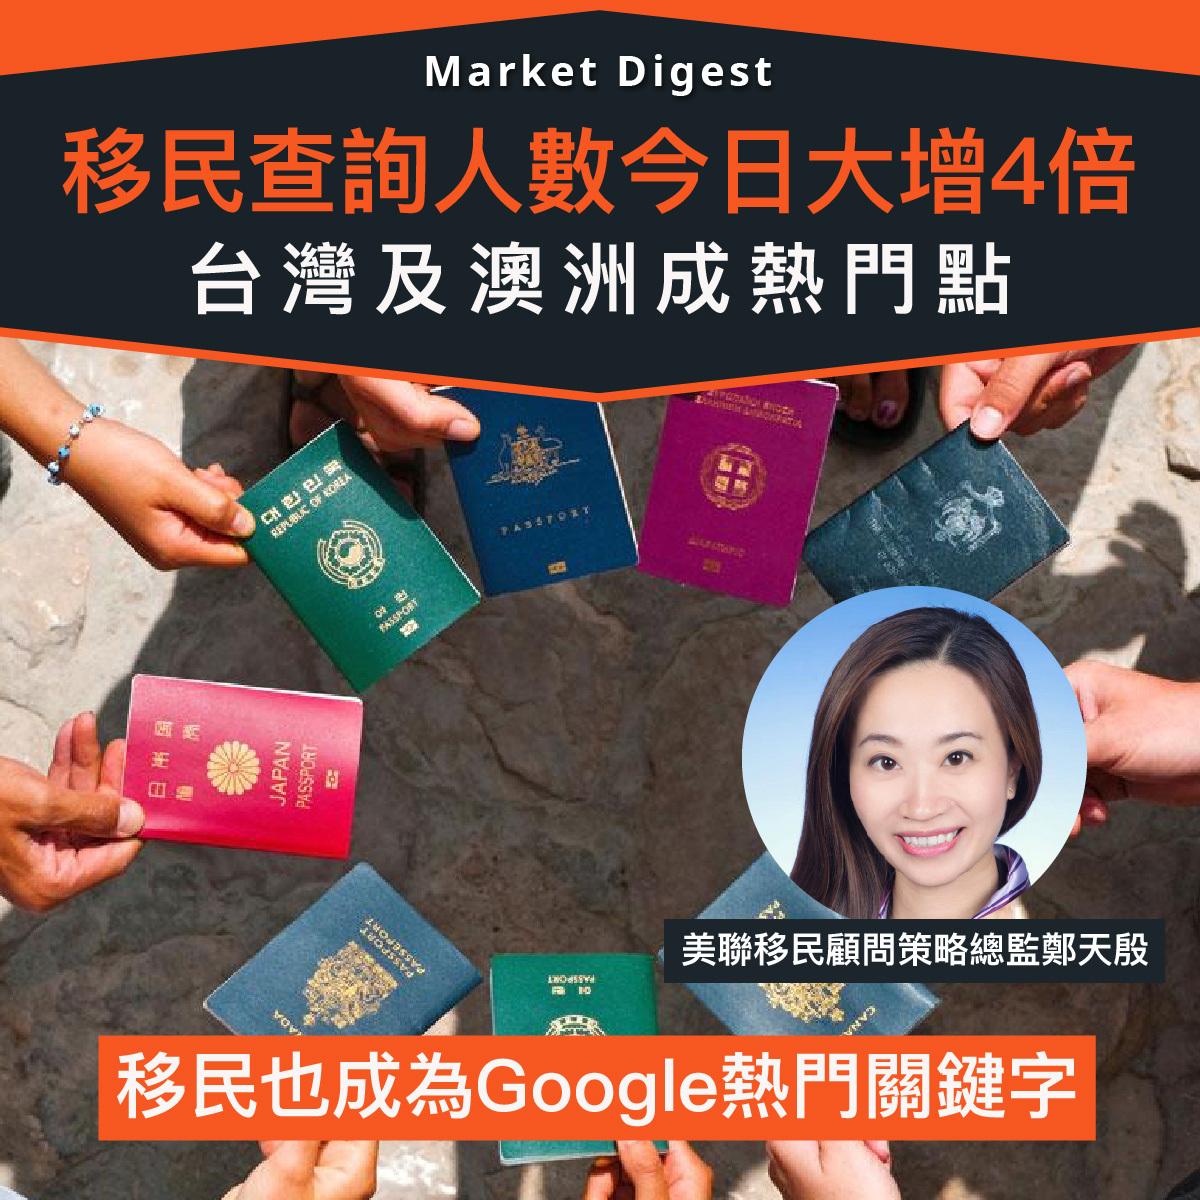 【市場熱話】移民查詢人數今日大增4倍,台灣及澳洲成熱門點